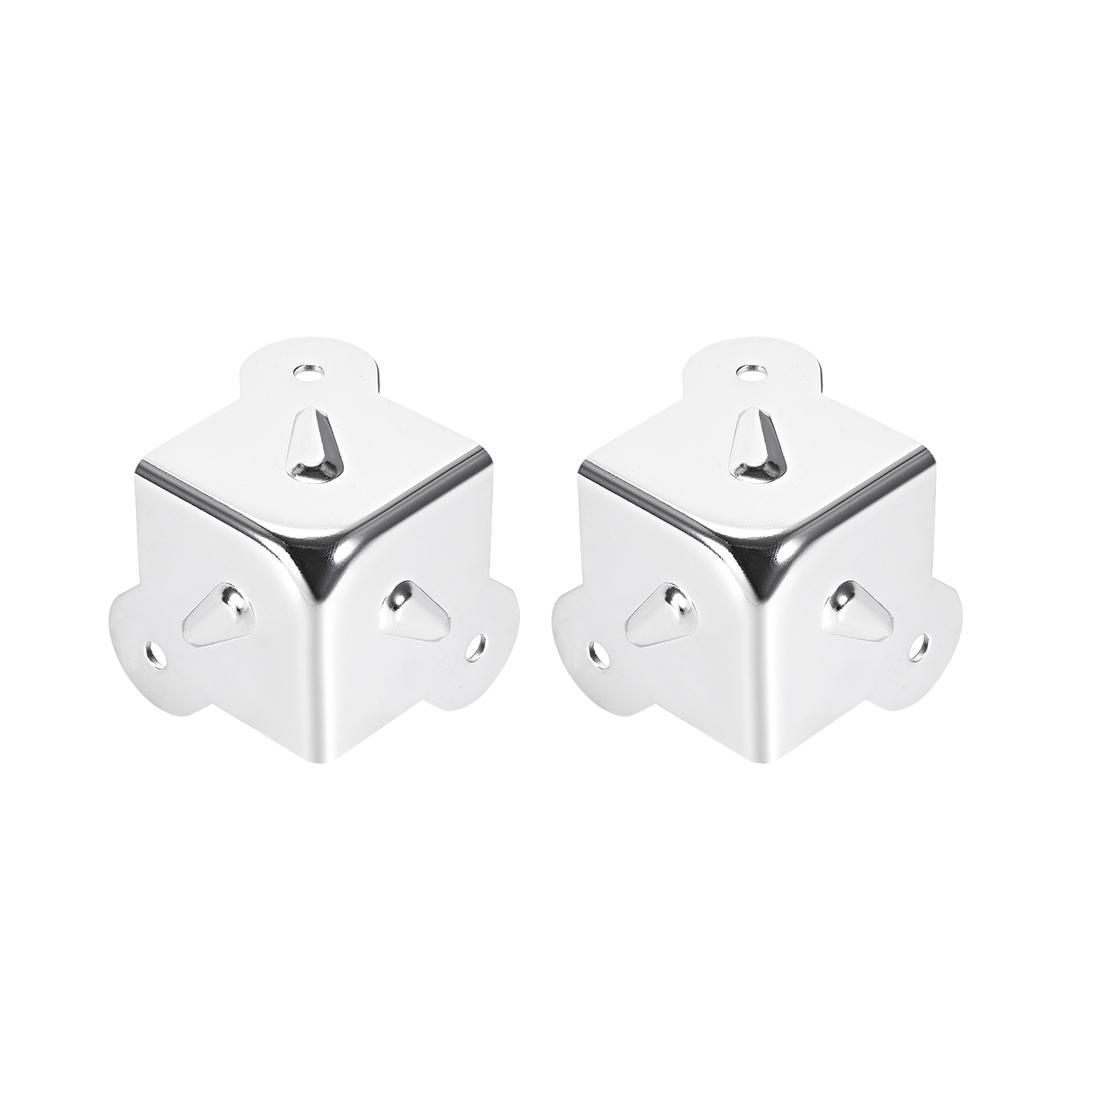 Metal Box Corner Protectors Edge Guard Protector 41.5 x 41.5 x 41.5mm 2pcs